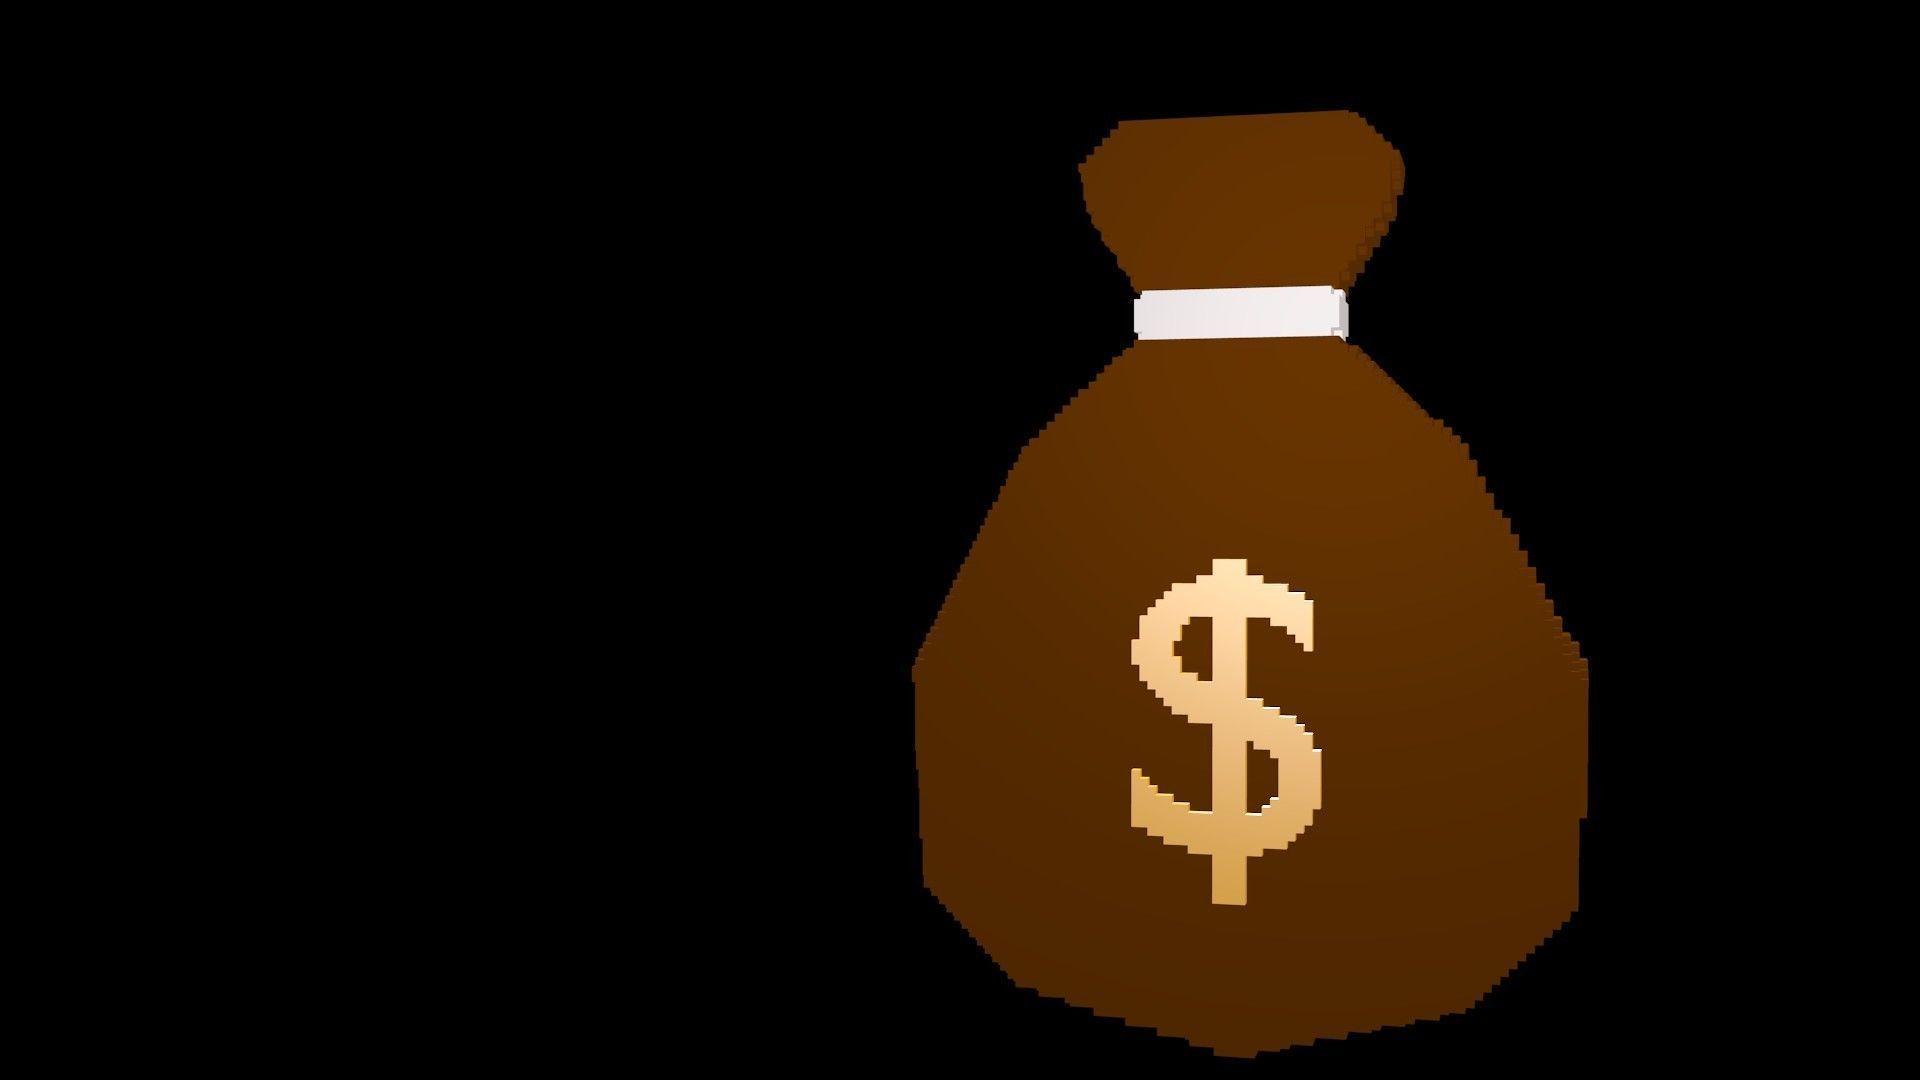 Symbols of money voxel 2